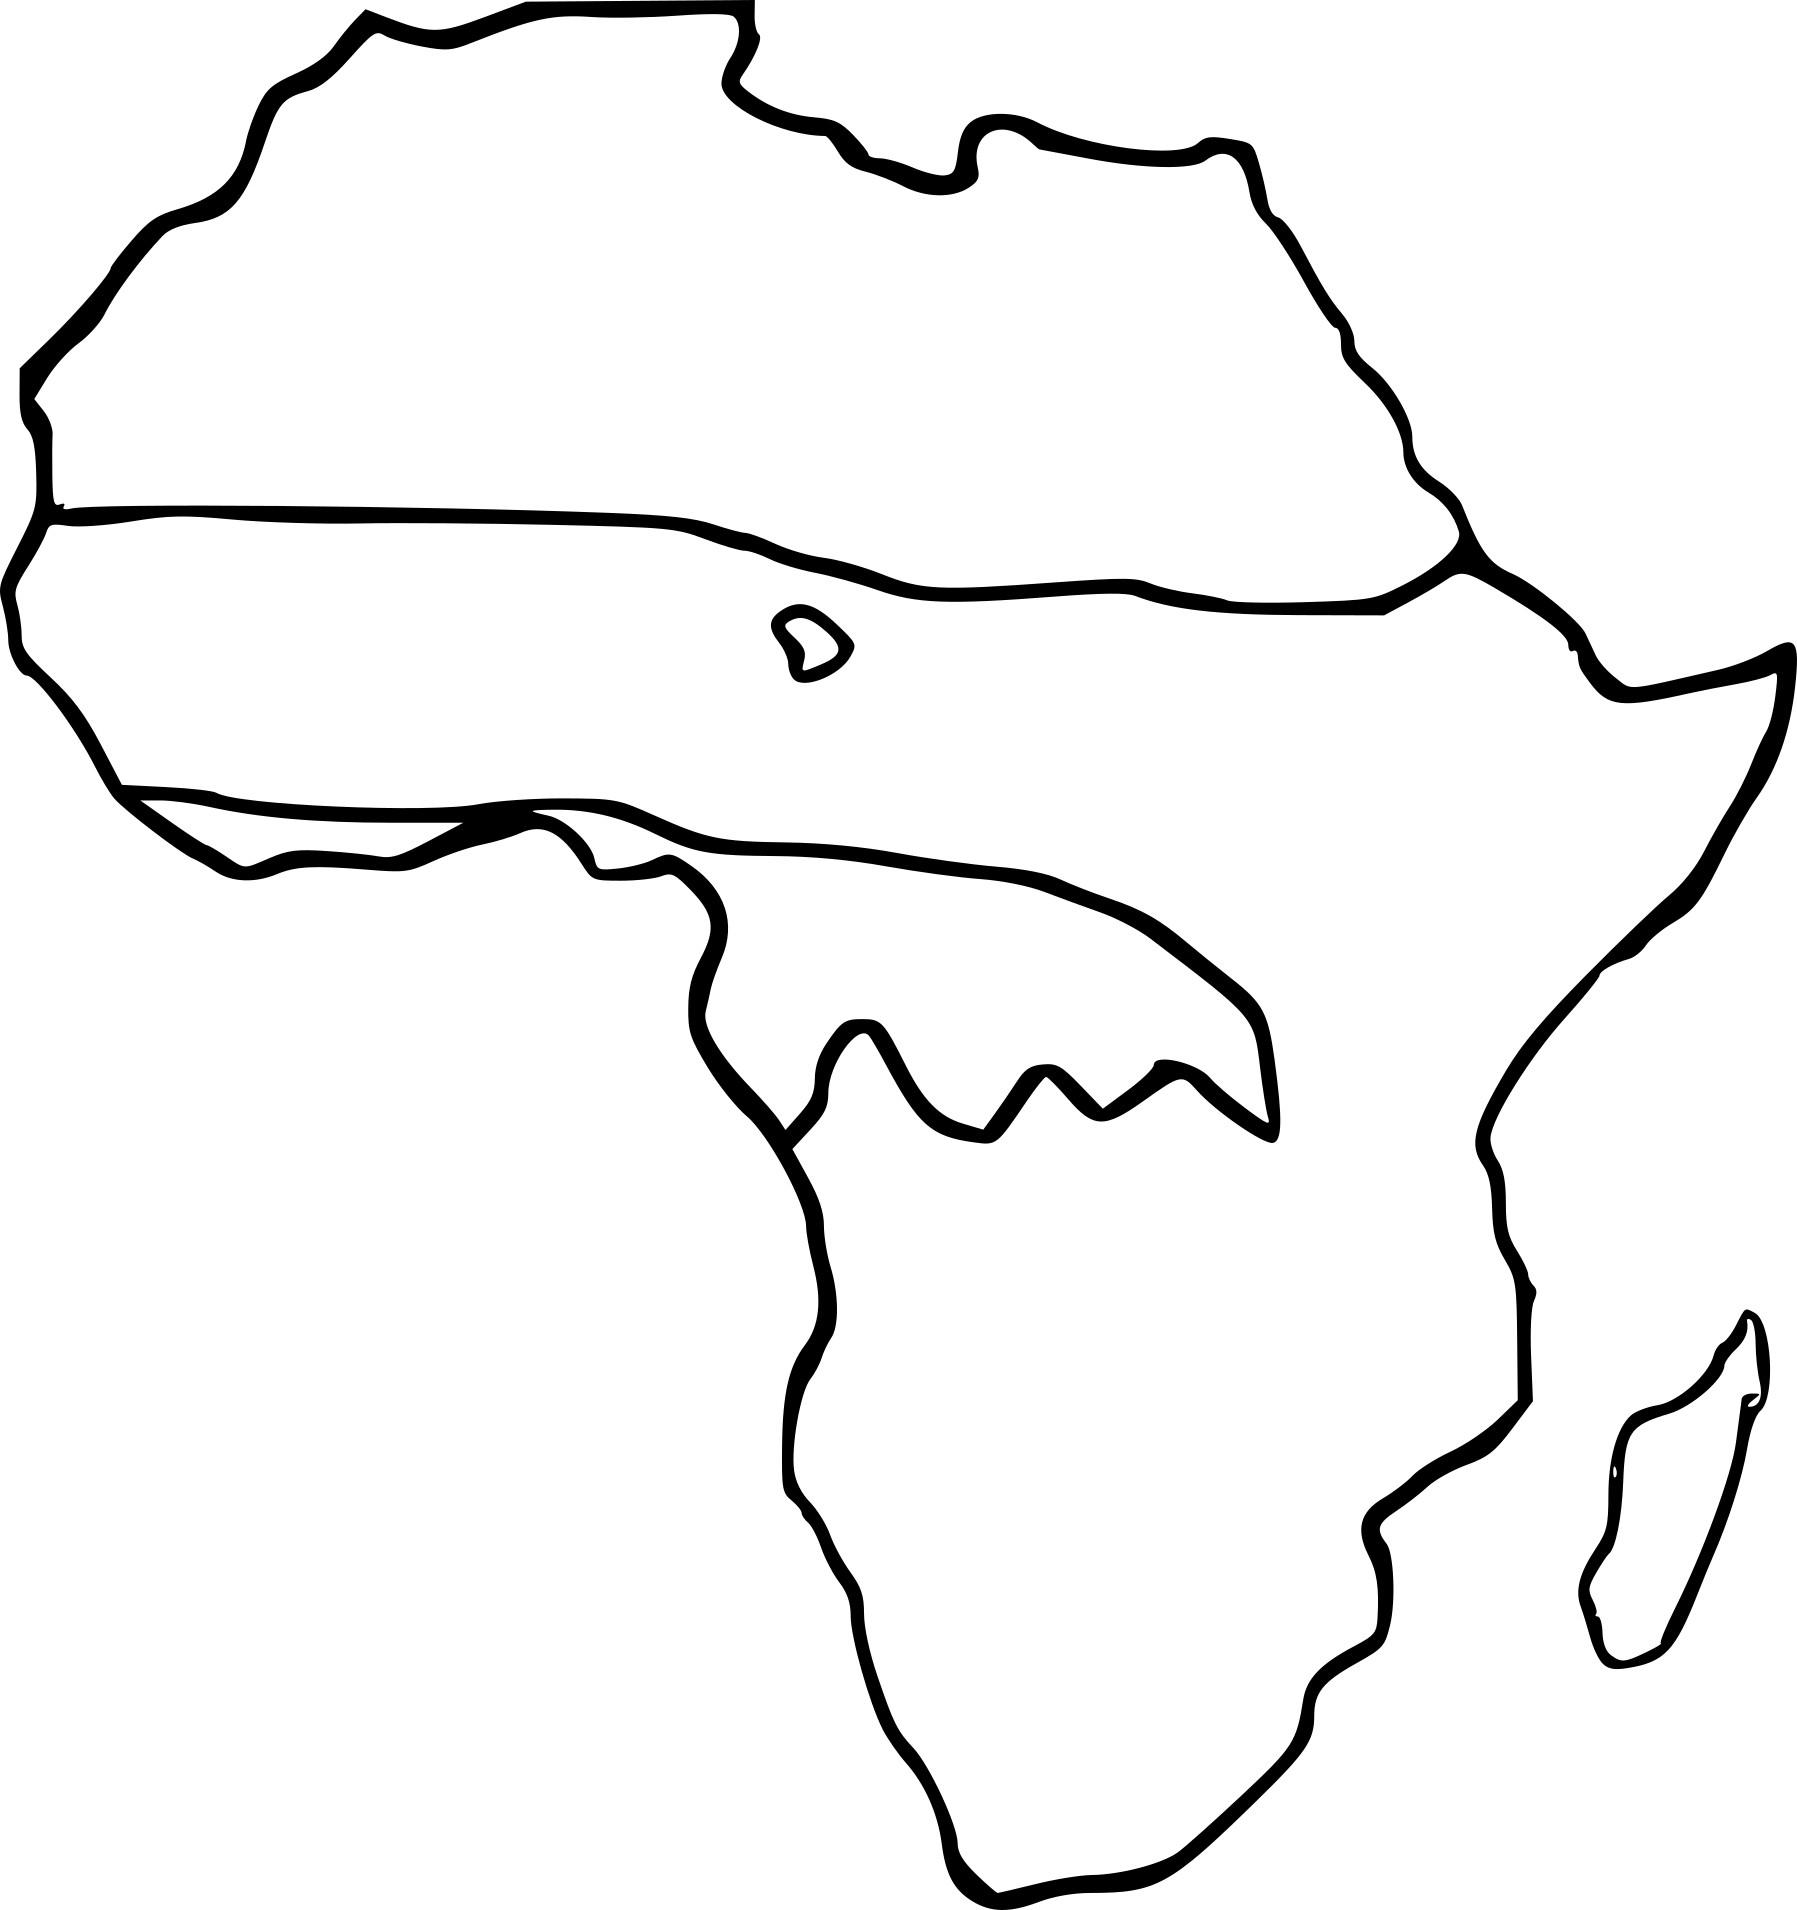 Coloriage Carte Afrique À Imprimer Sur Coloriages dedans Coloriage Afrique À Imprimer